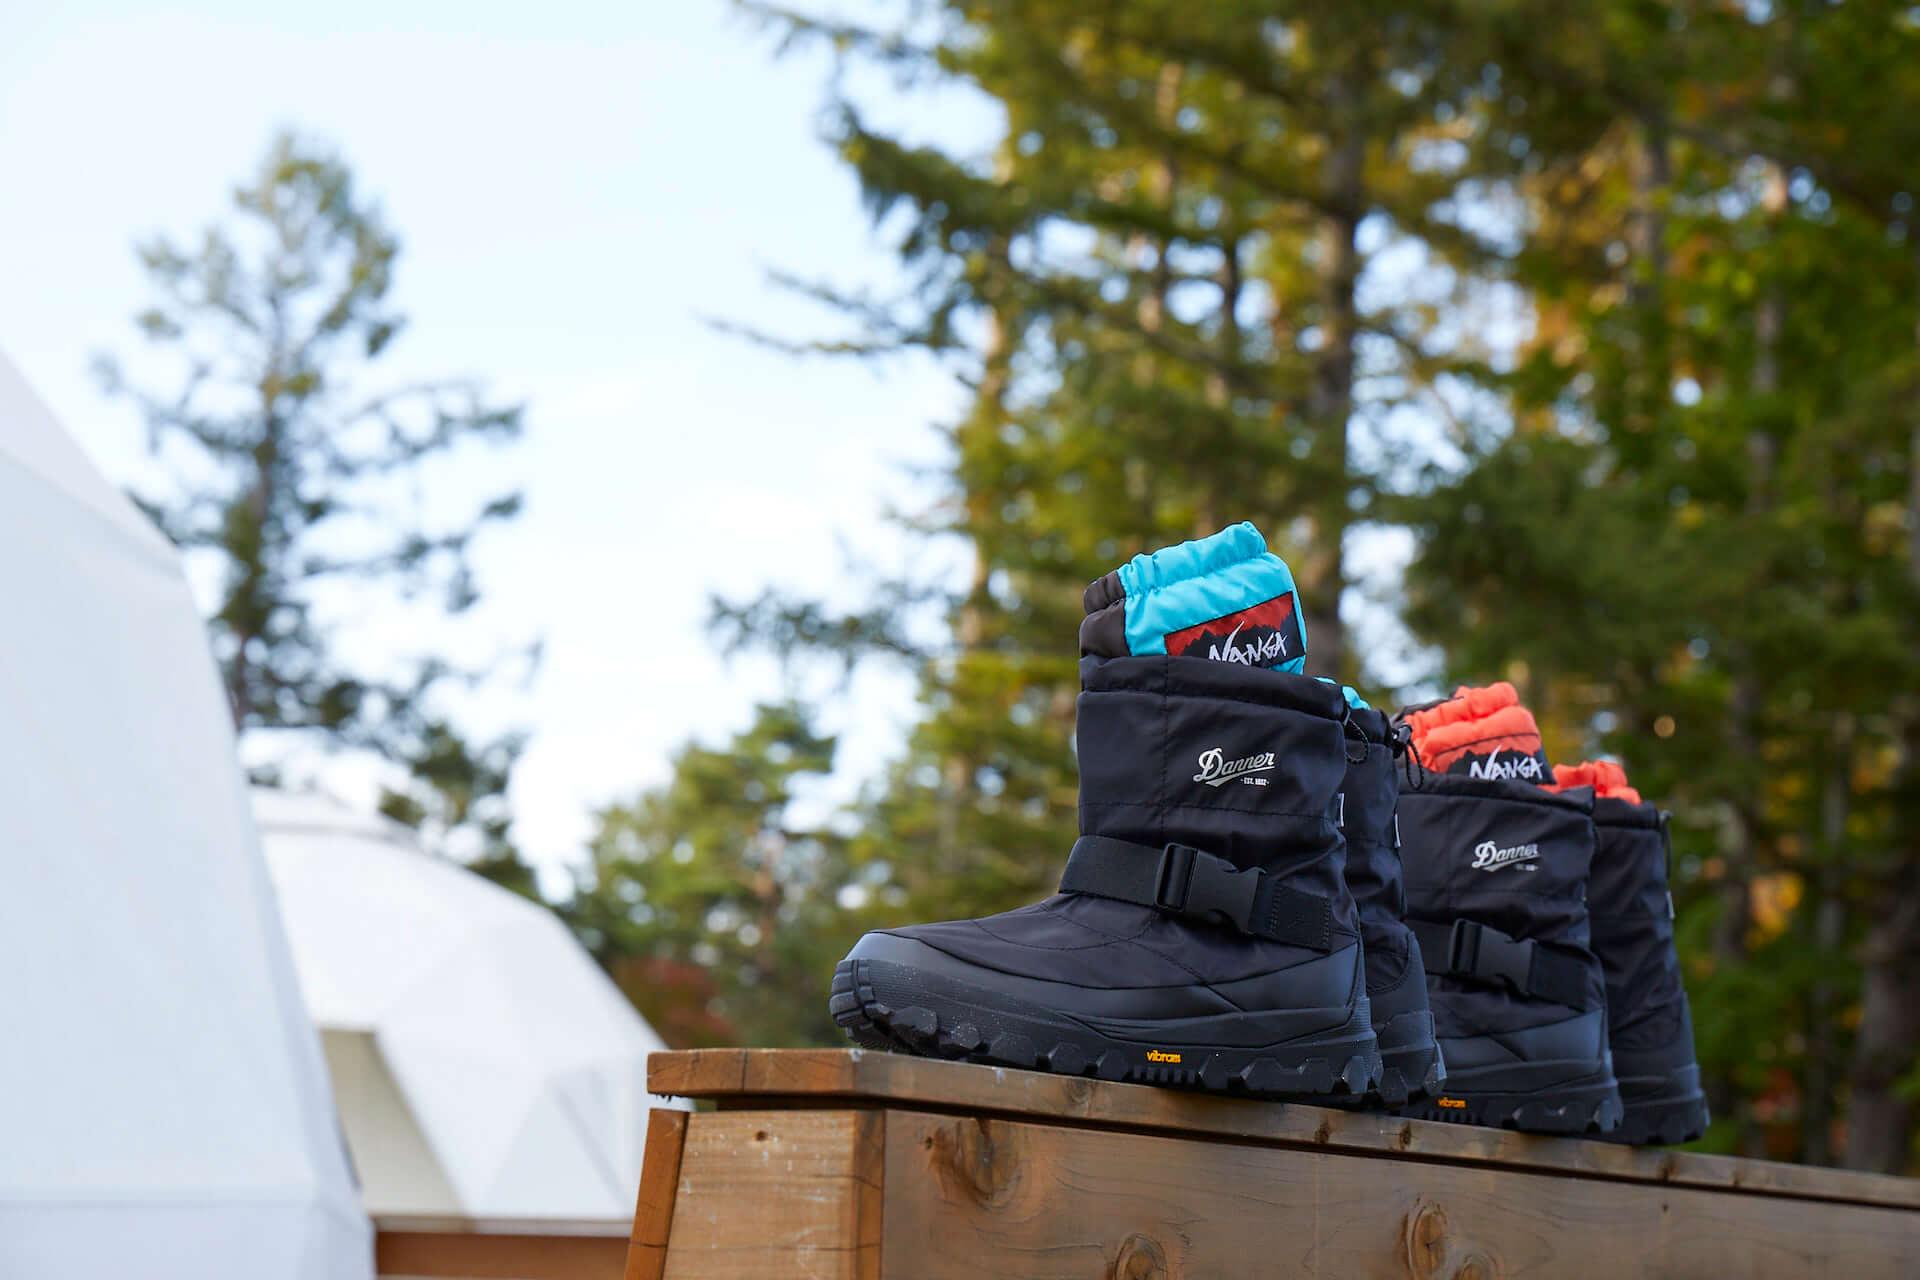 DannerとNANGAによる2in1仕様のコラボブーツ『FREDDO OVER BOOTS』が登場!冬のアウトドアシーンにもおすすめ lf201102_danner_3-1920x1280